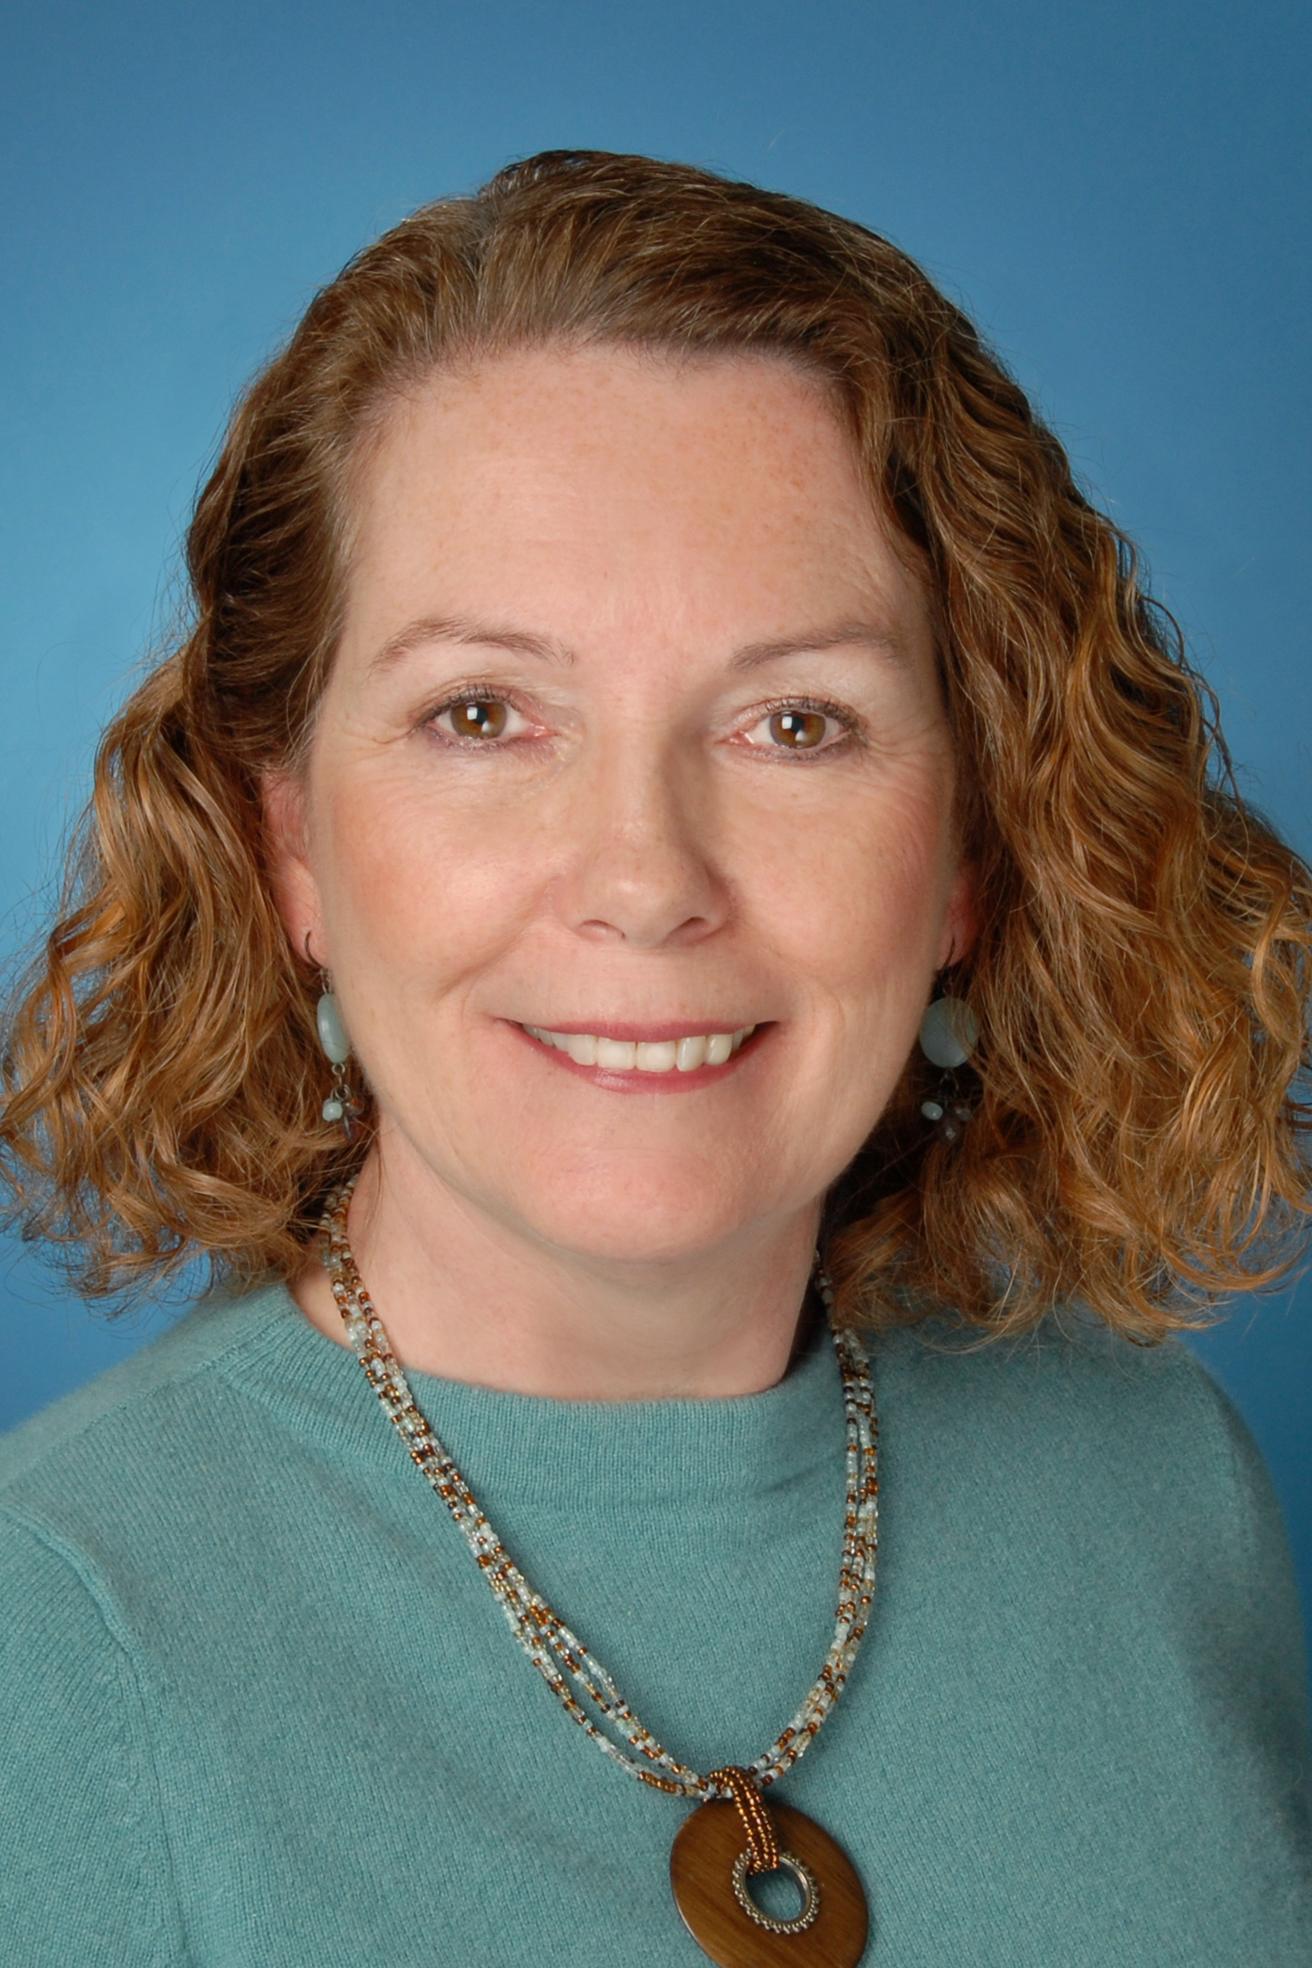 Cindy Durgin